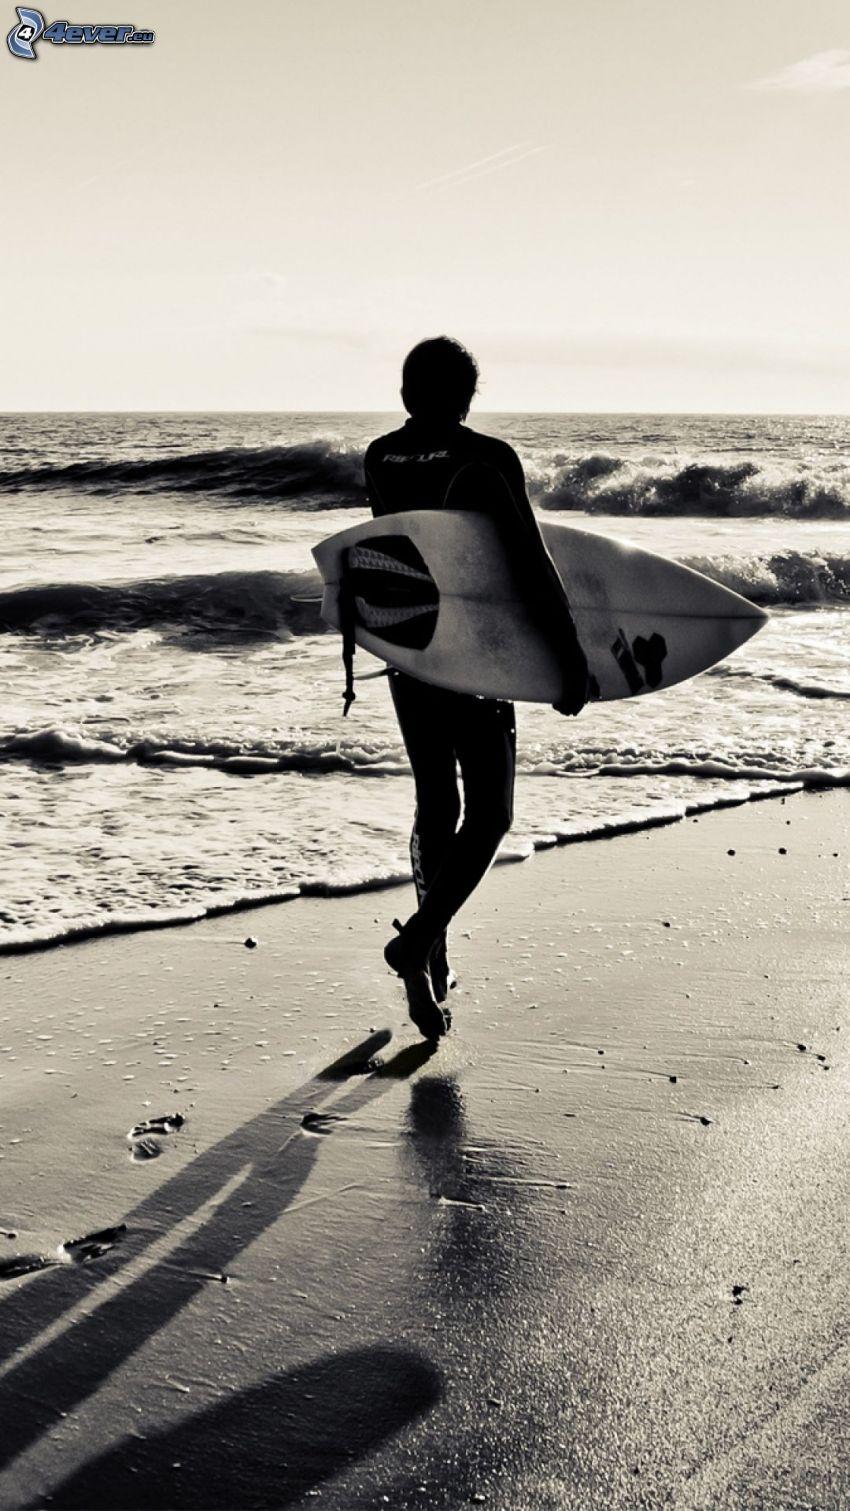 surfer, spiaggia sabbiosa, alto mare, tracce in sabbia, foto in bianco e nero